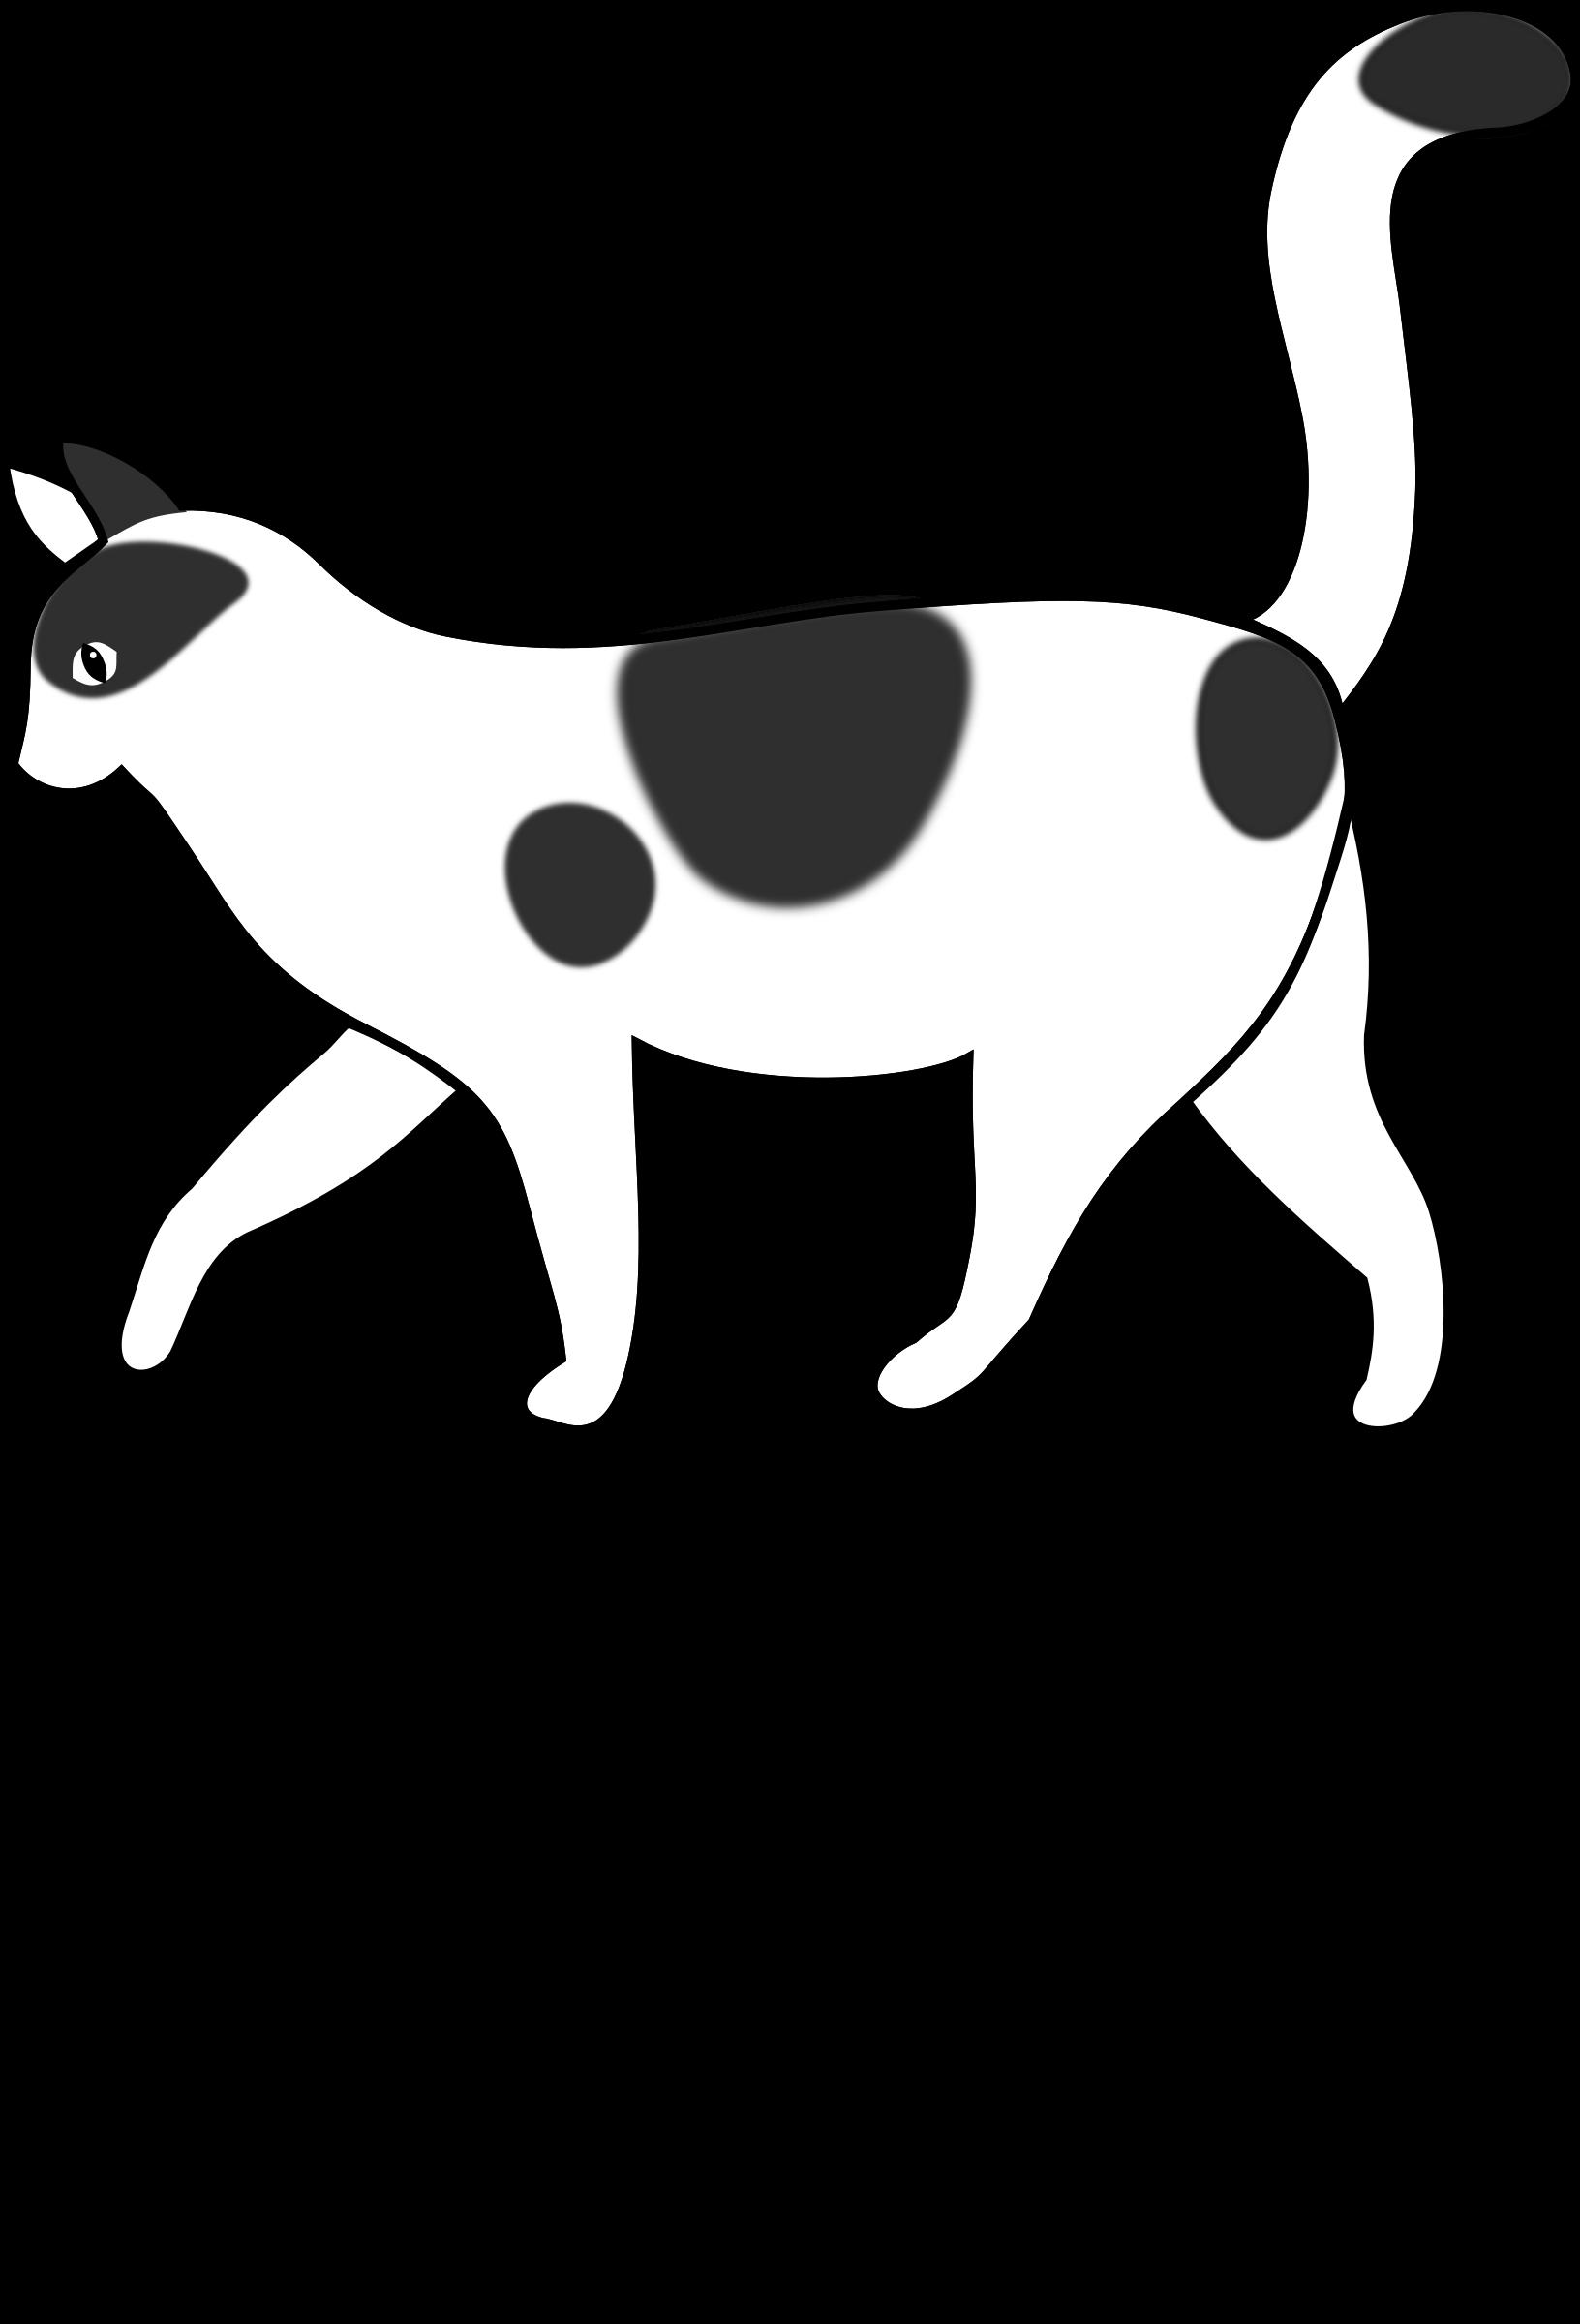 Clipart - Letra G de Gato para colorear